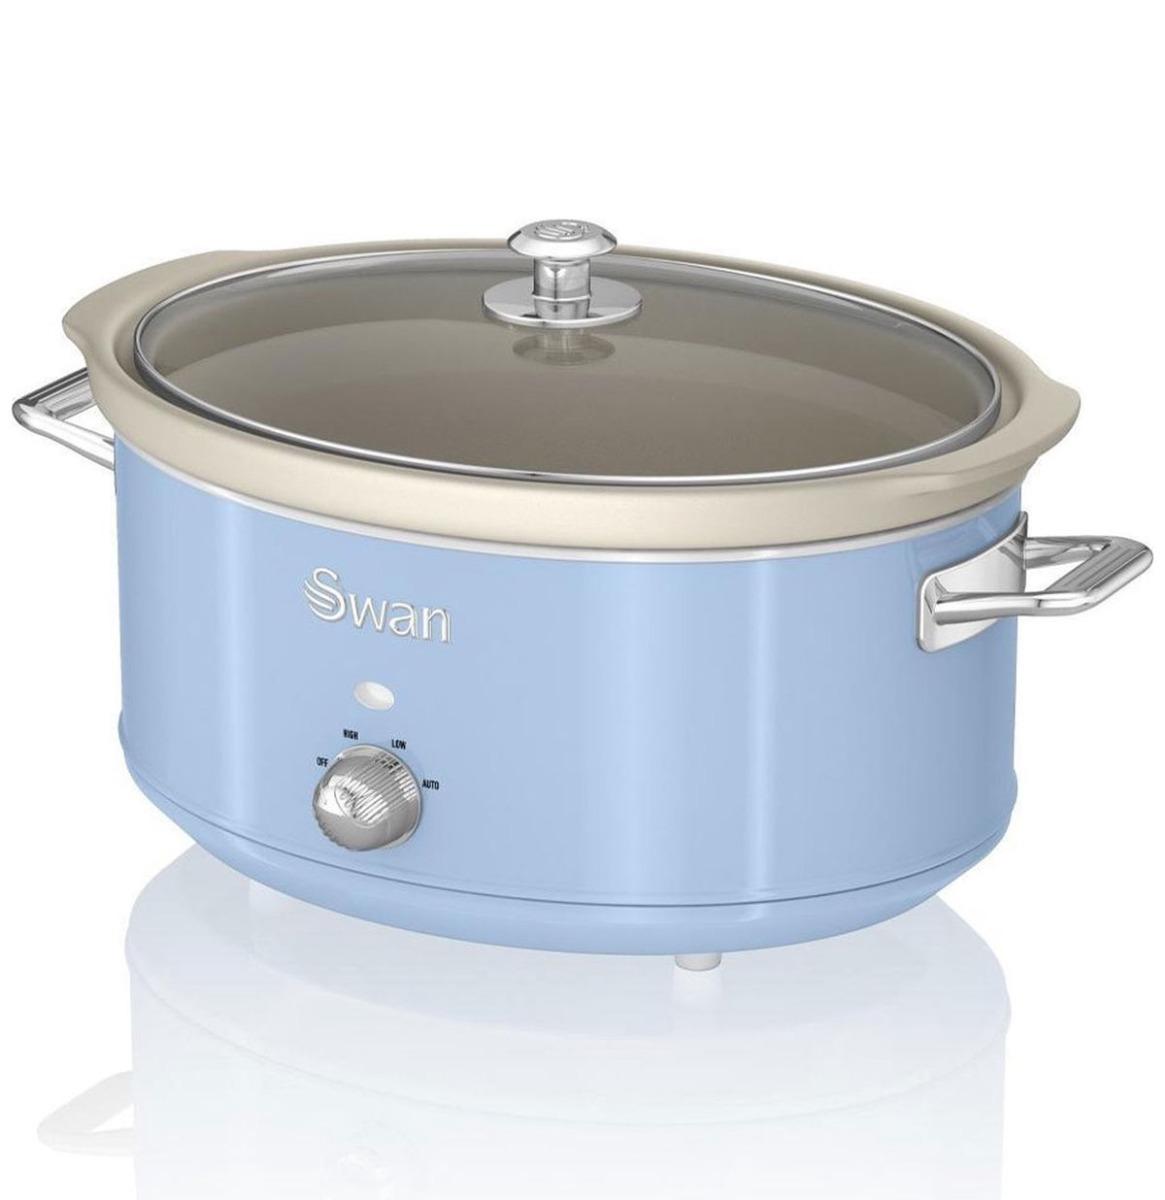 Swan Retro Slow Cooker - 6.5 Liter - Blauw